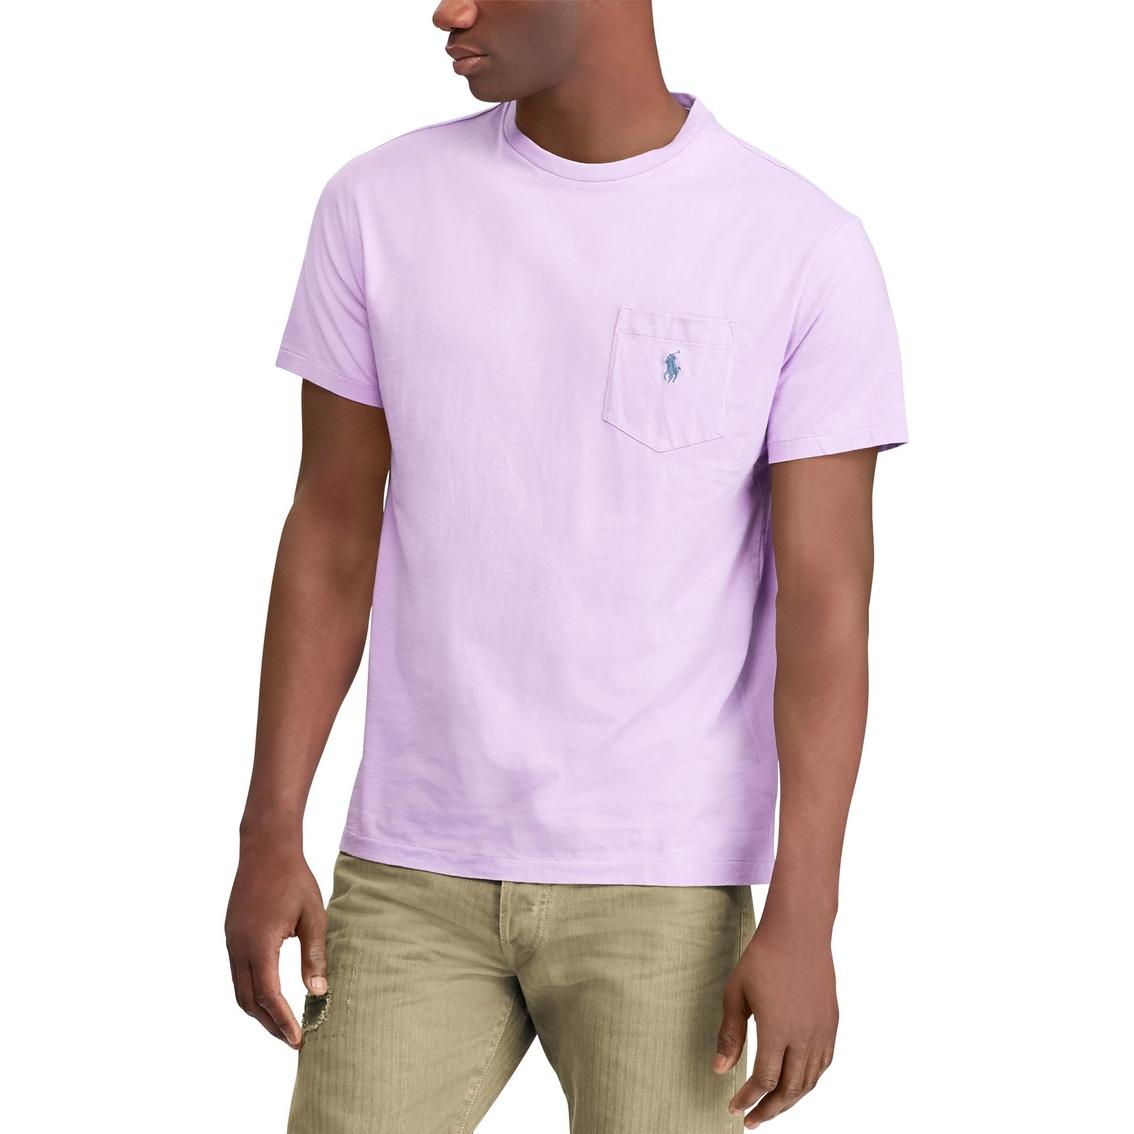 7d9ec4784 Polo Ralph Lauren Classic Fit Pocket Cotton T Shirt